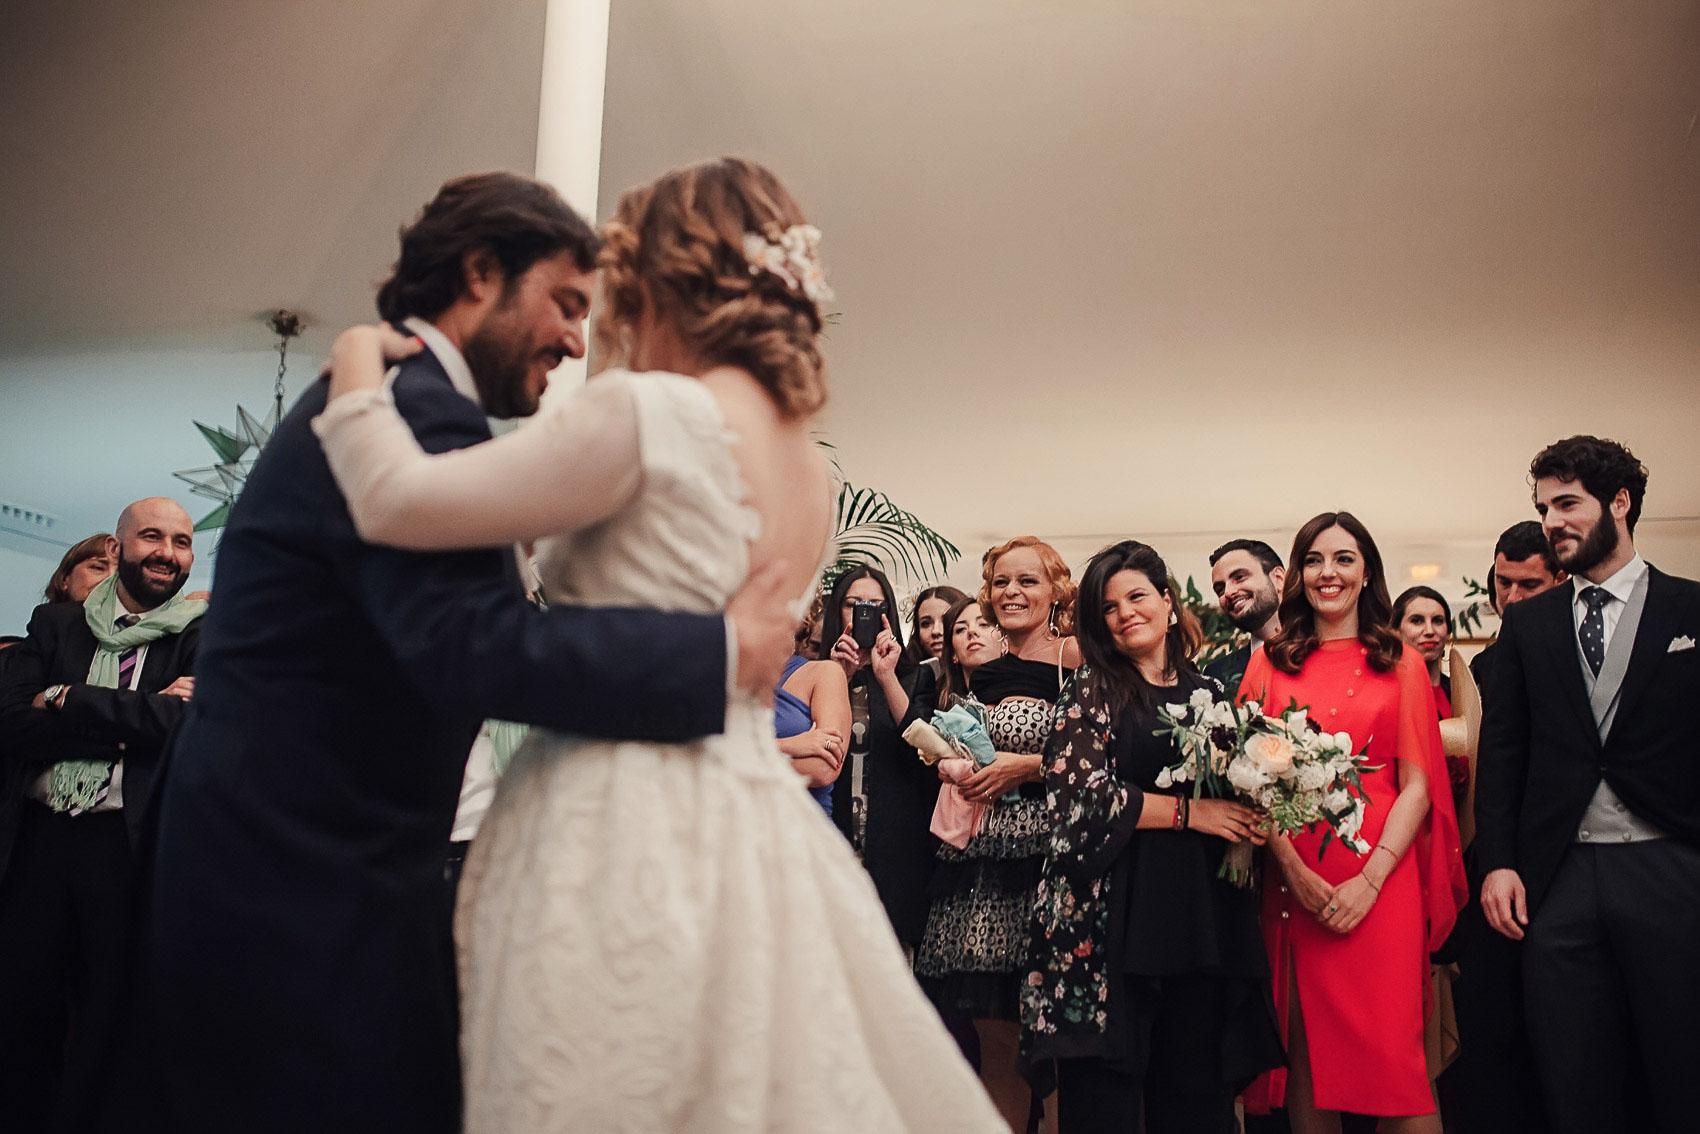 baile novios detalle invitados abrazo photography